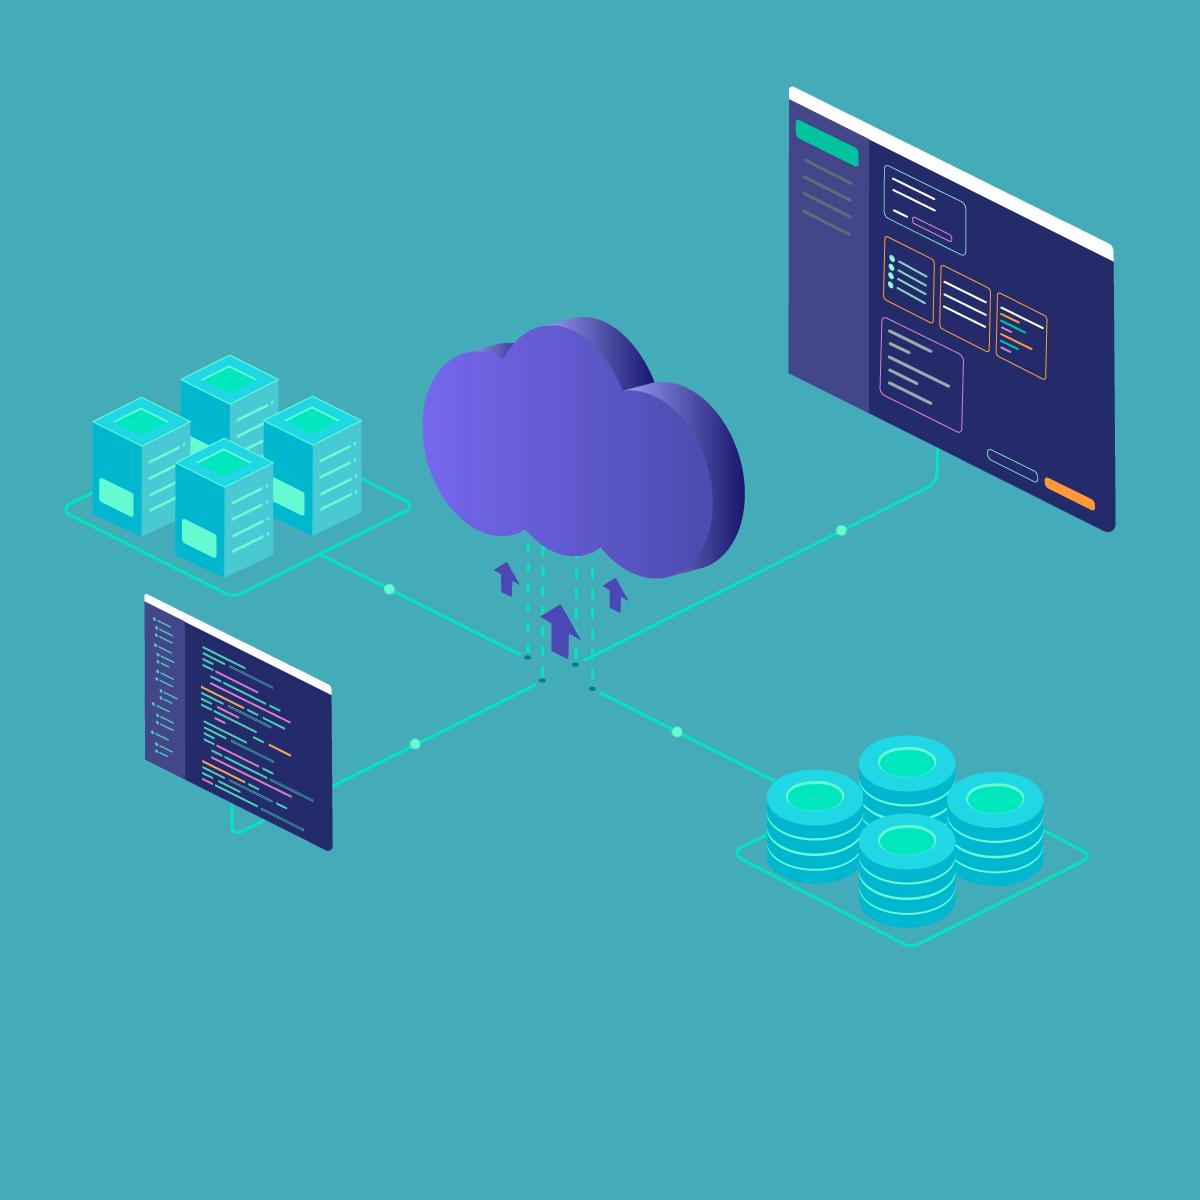 sichere Verbindung zwischen Cloud und virtuellen Maschinen